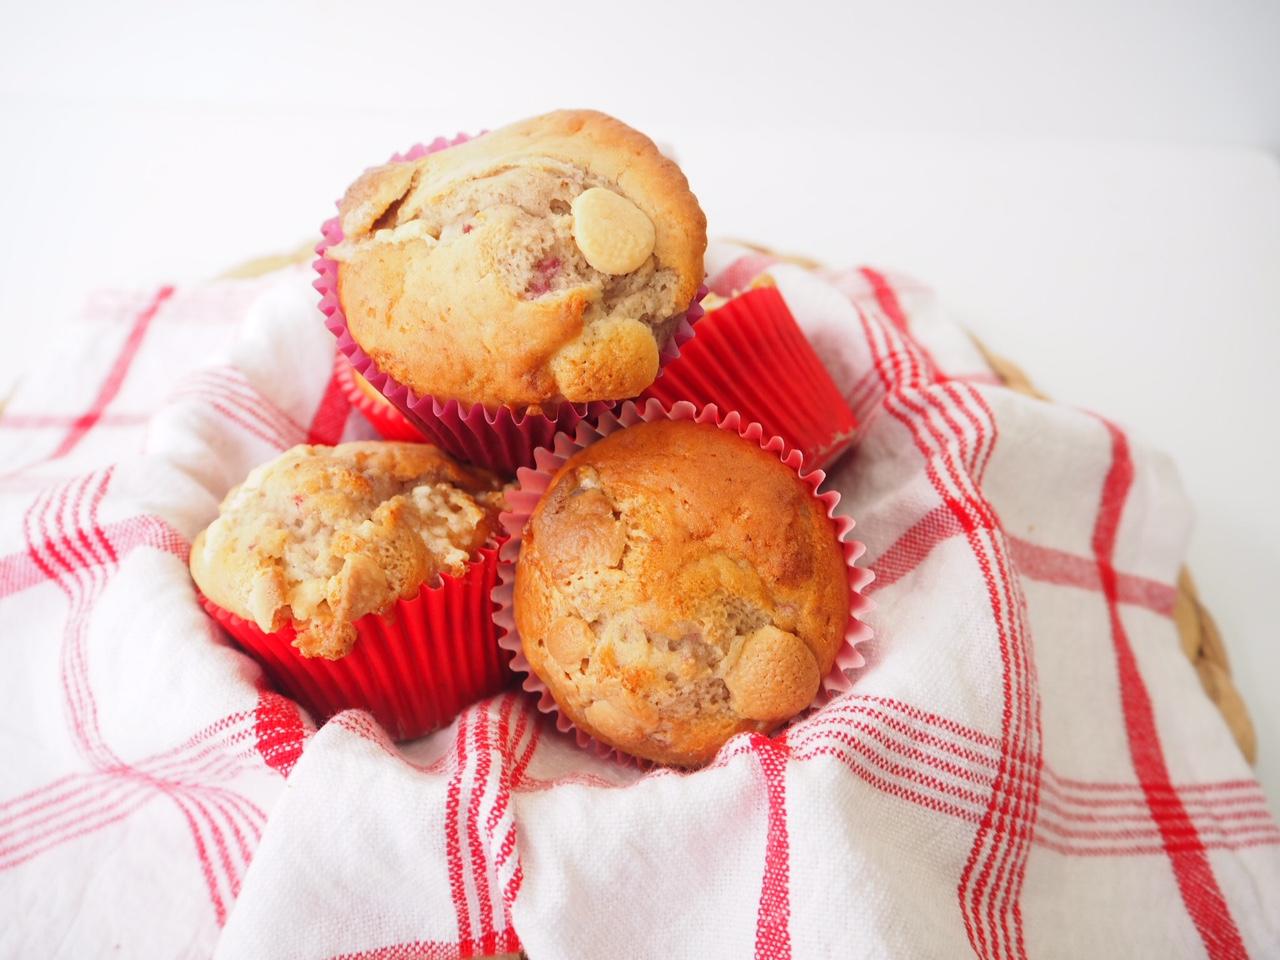 Banana, Strawberry and White Chocolate Muffins